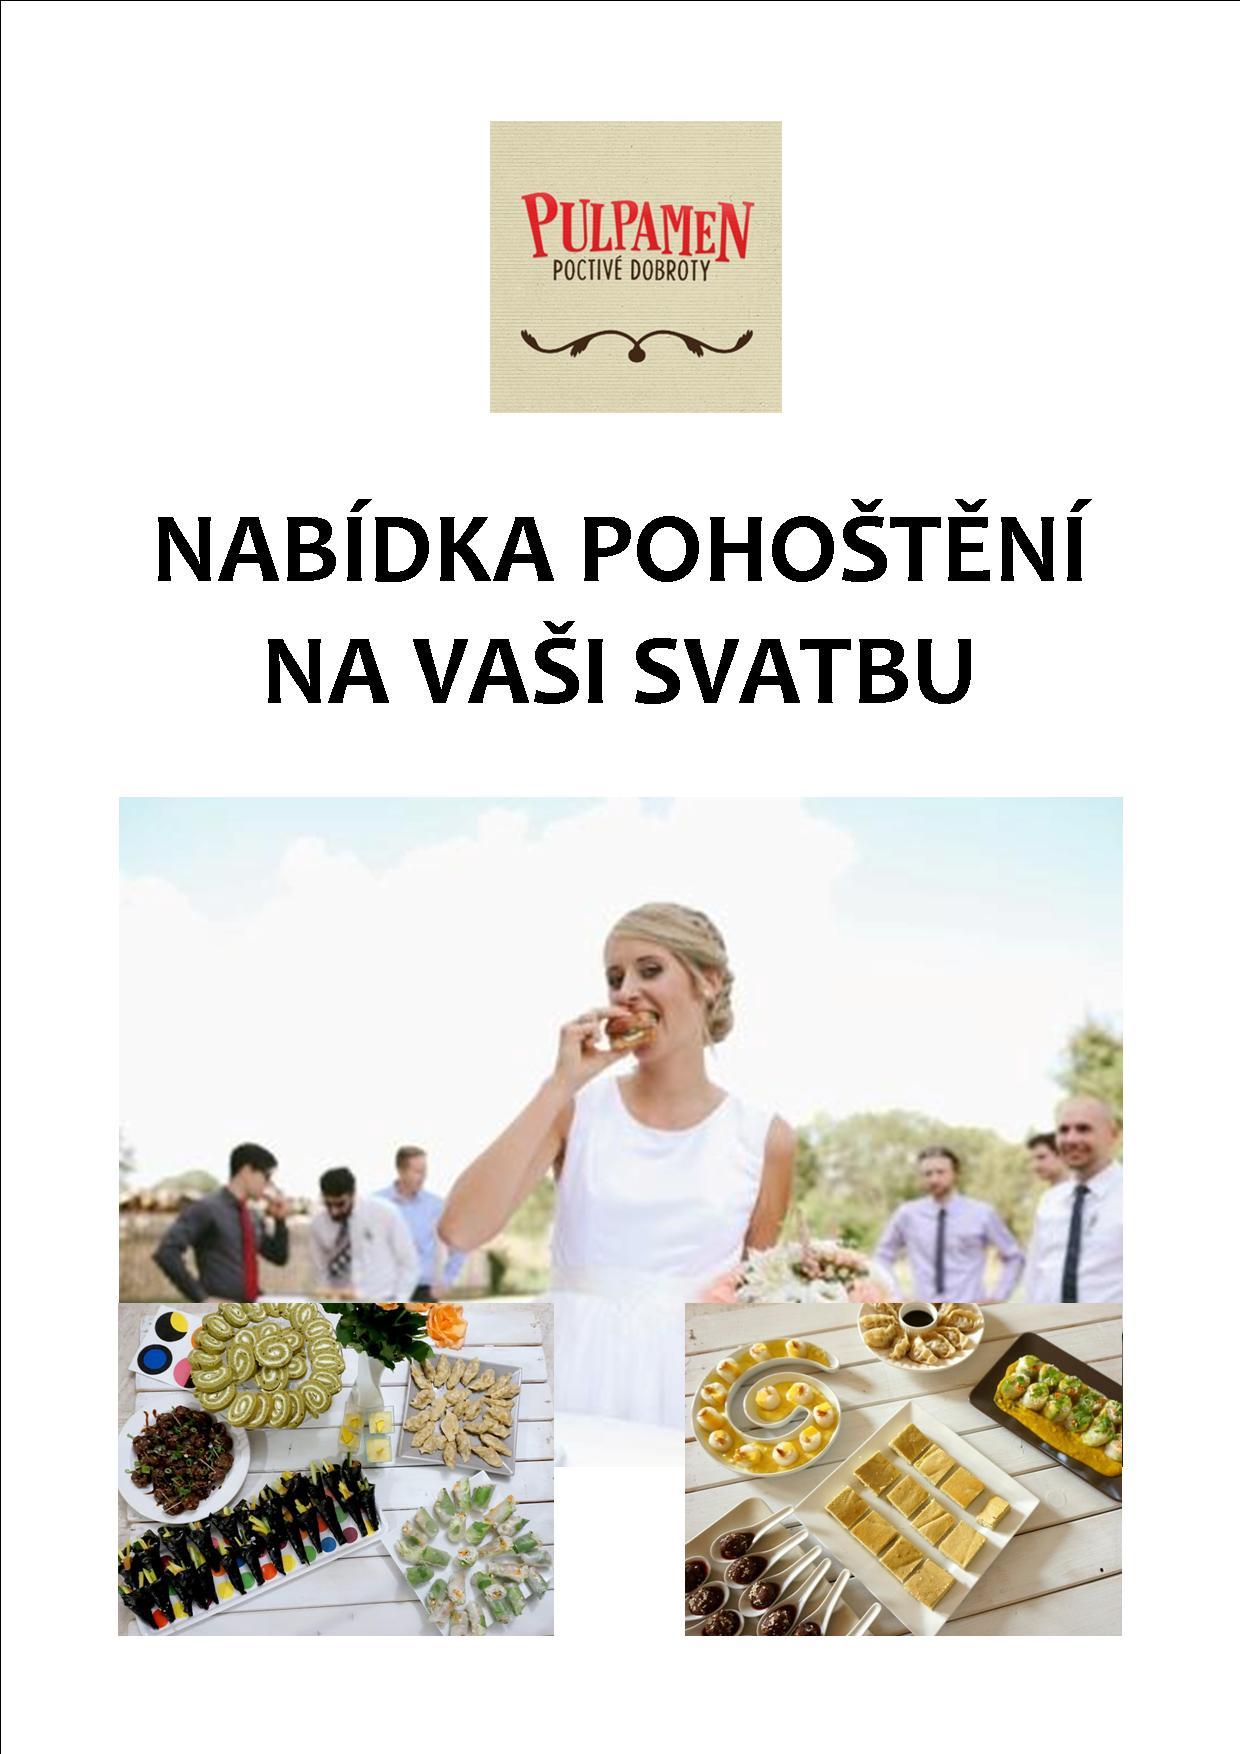 Svatebni_nabidka_Pulpamen 2018 (2)